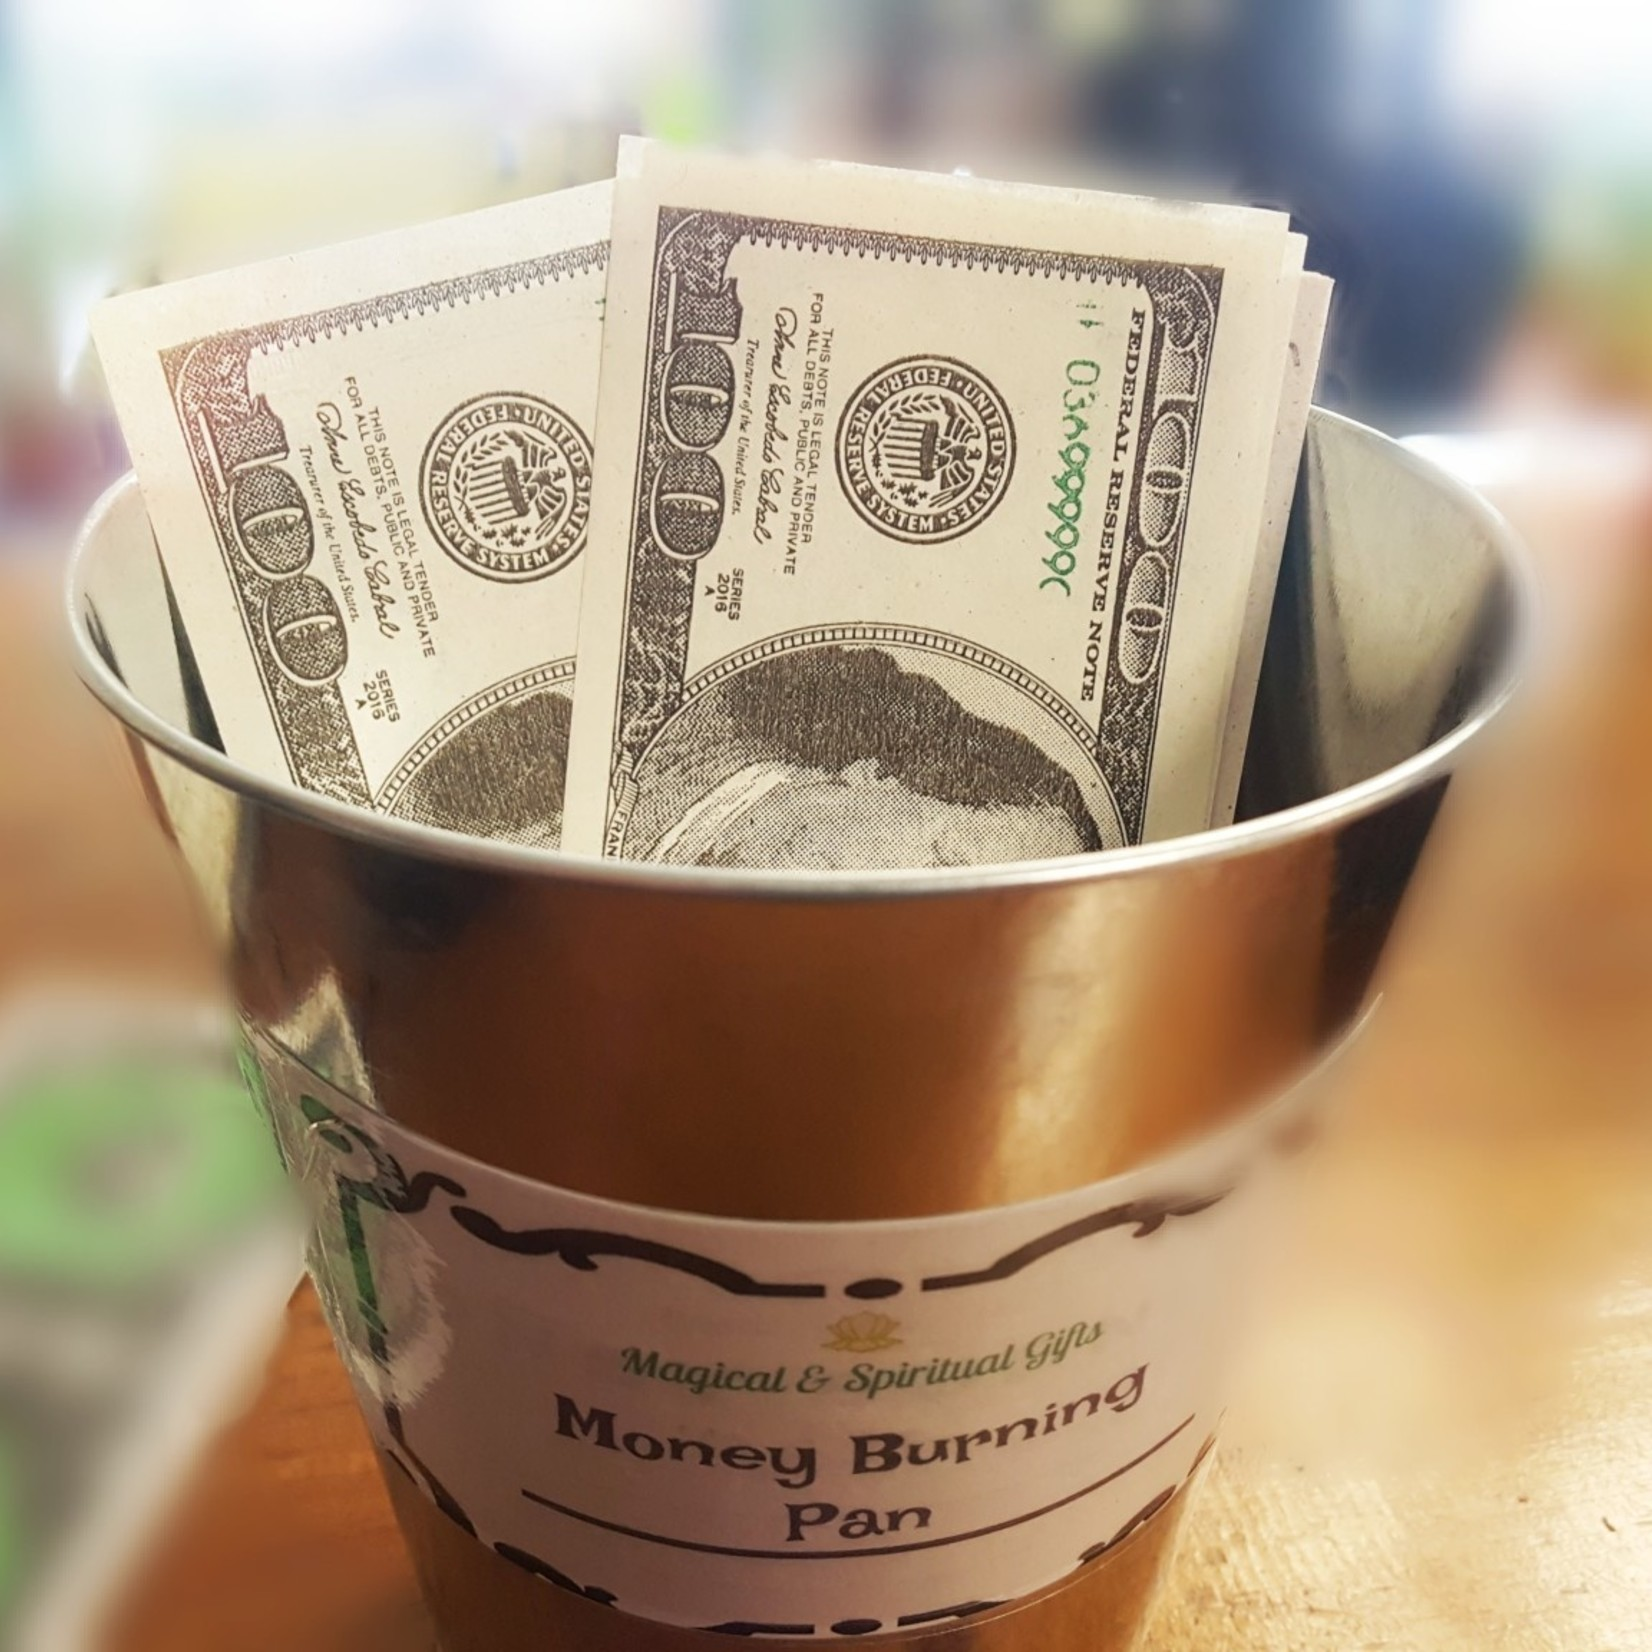 Money Burning Pan